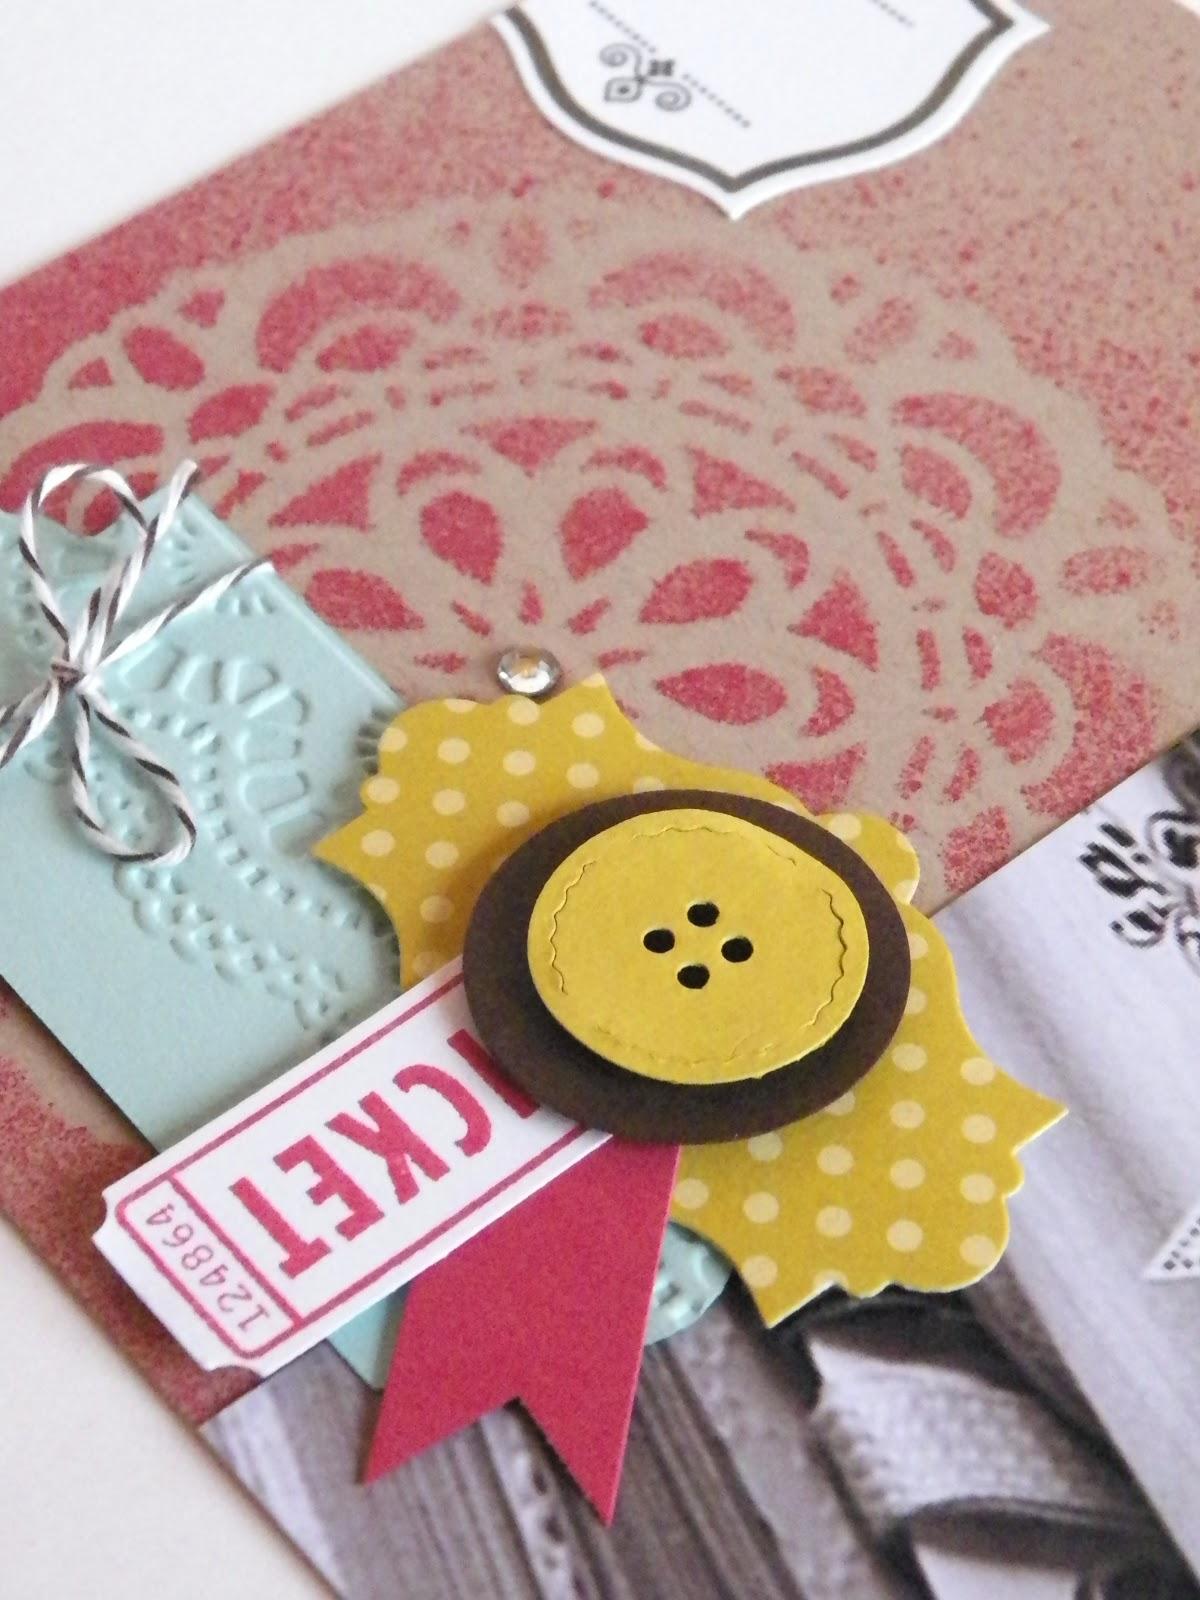 stamp 2 linotte un article sp cial pour des personnes tr s sp ciales. Black Bedroom Furniture Sets. Home Design Ideas